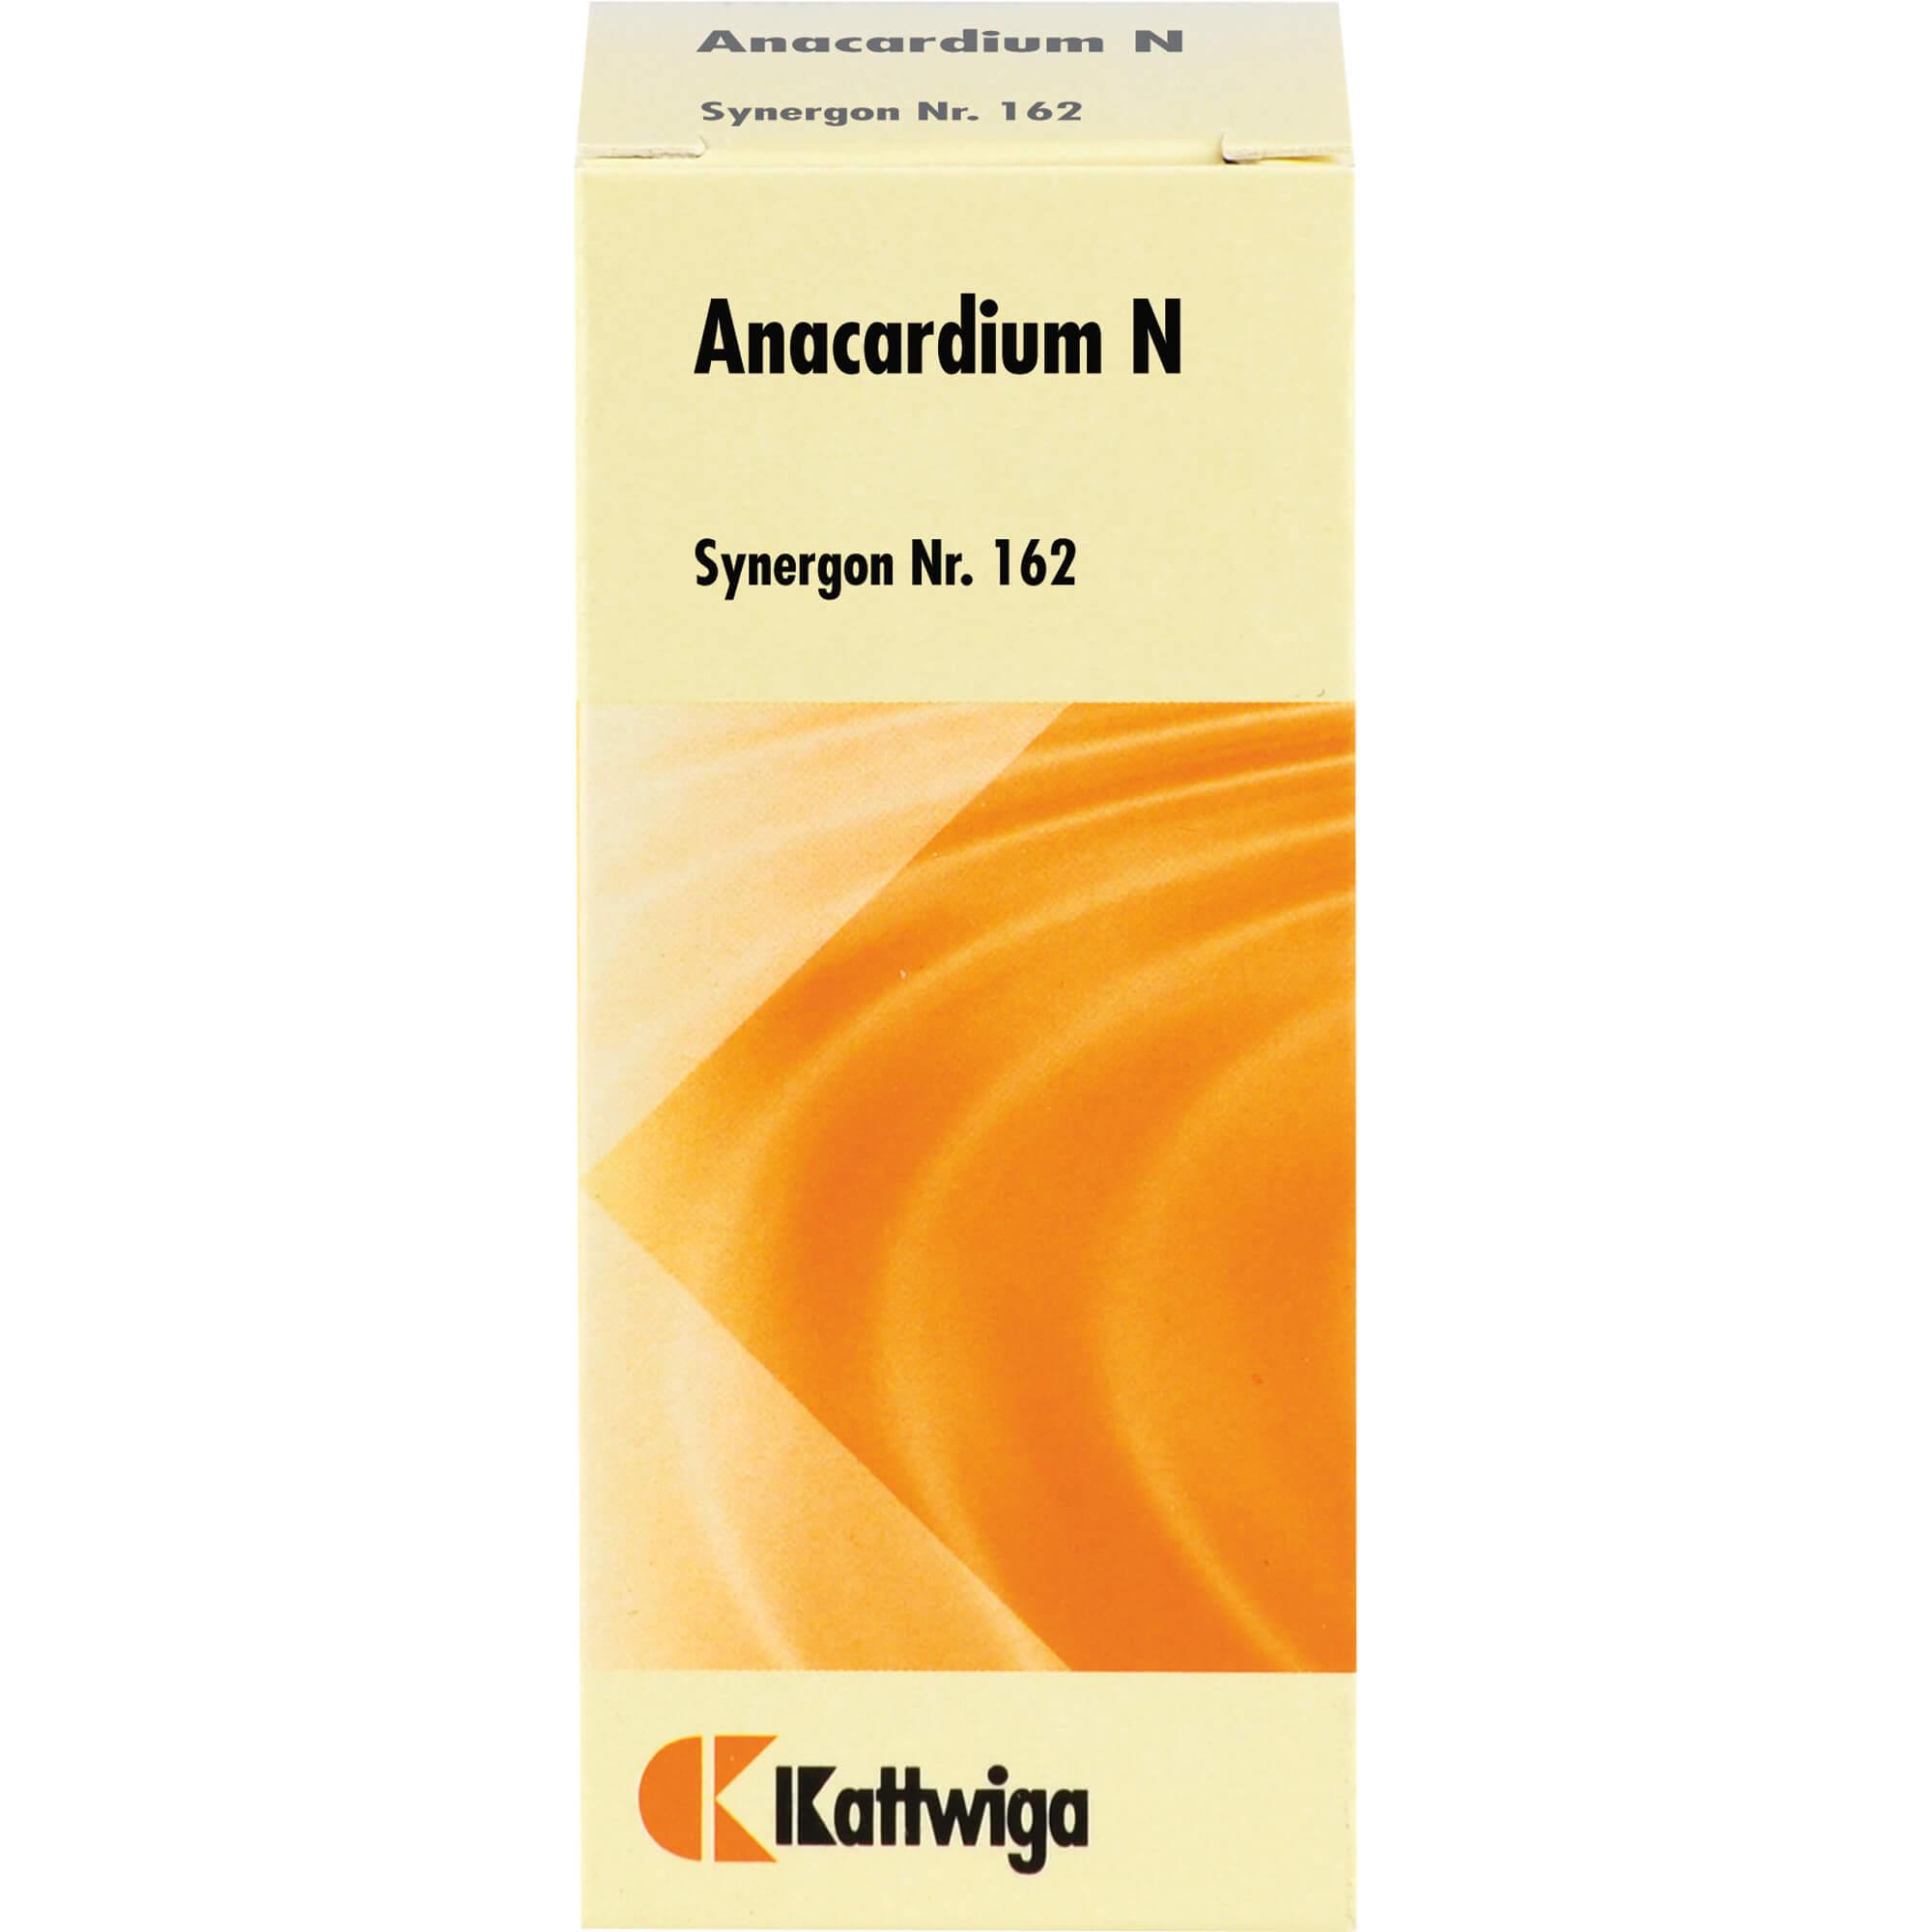 SYNERGON KOMPLEX 162 Anacardium N Tropfen